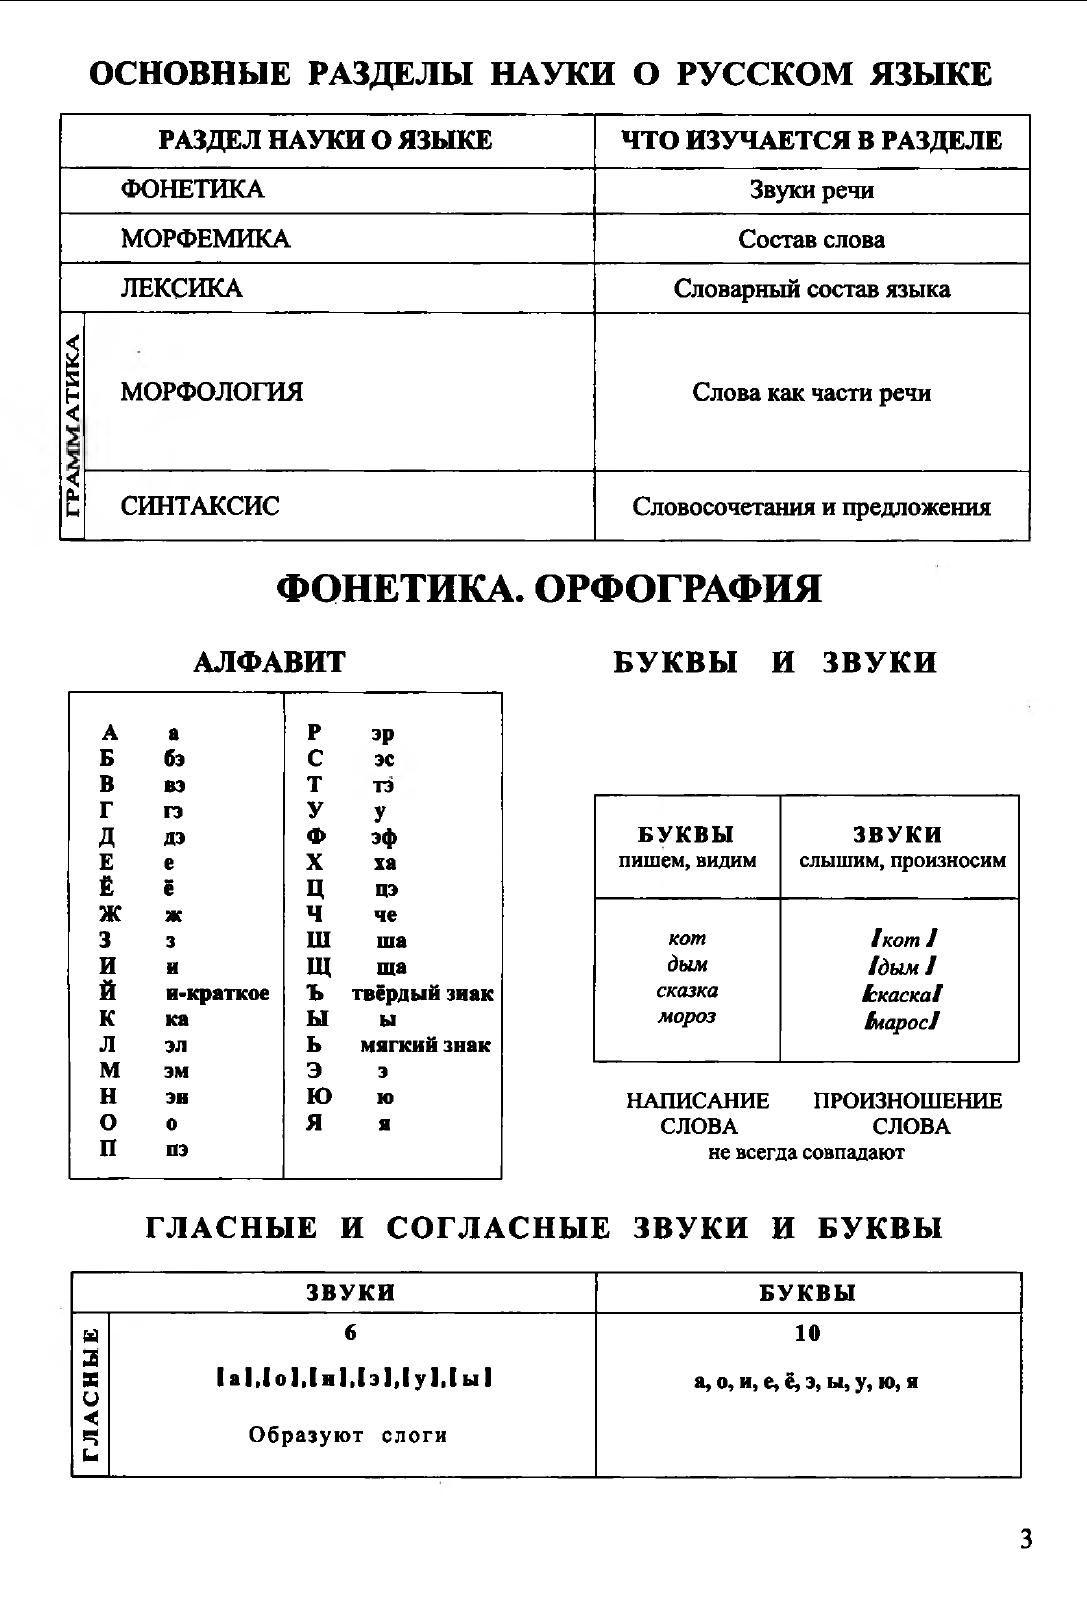 Гдз по русскому 10 класс р н бунеев онлайн